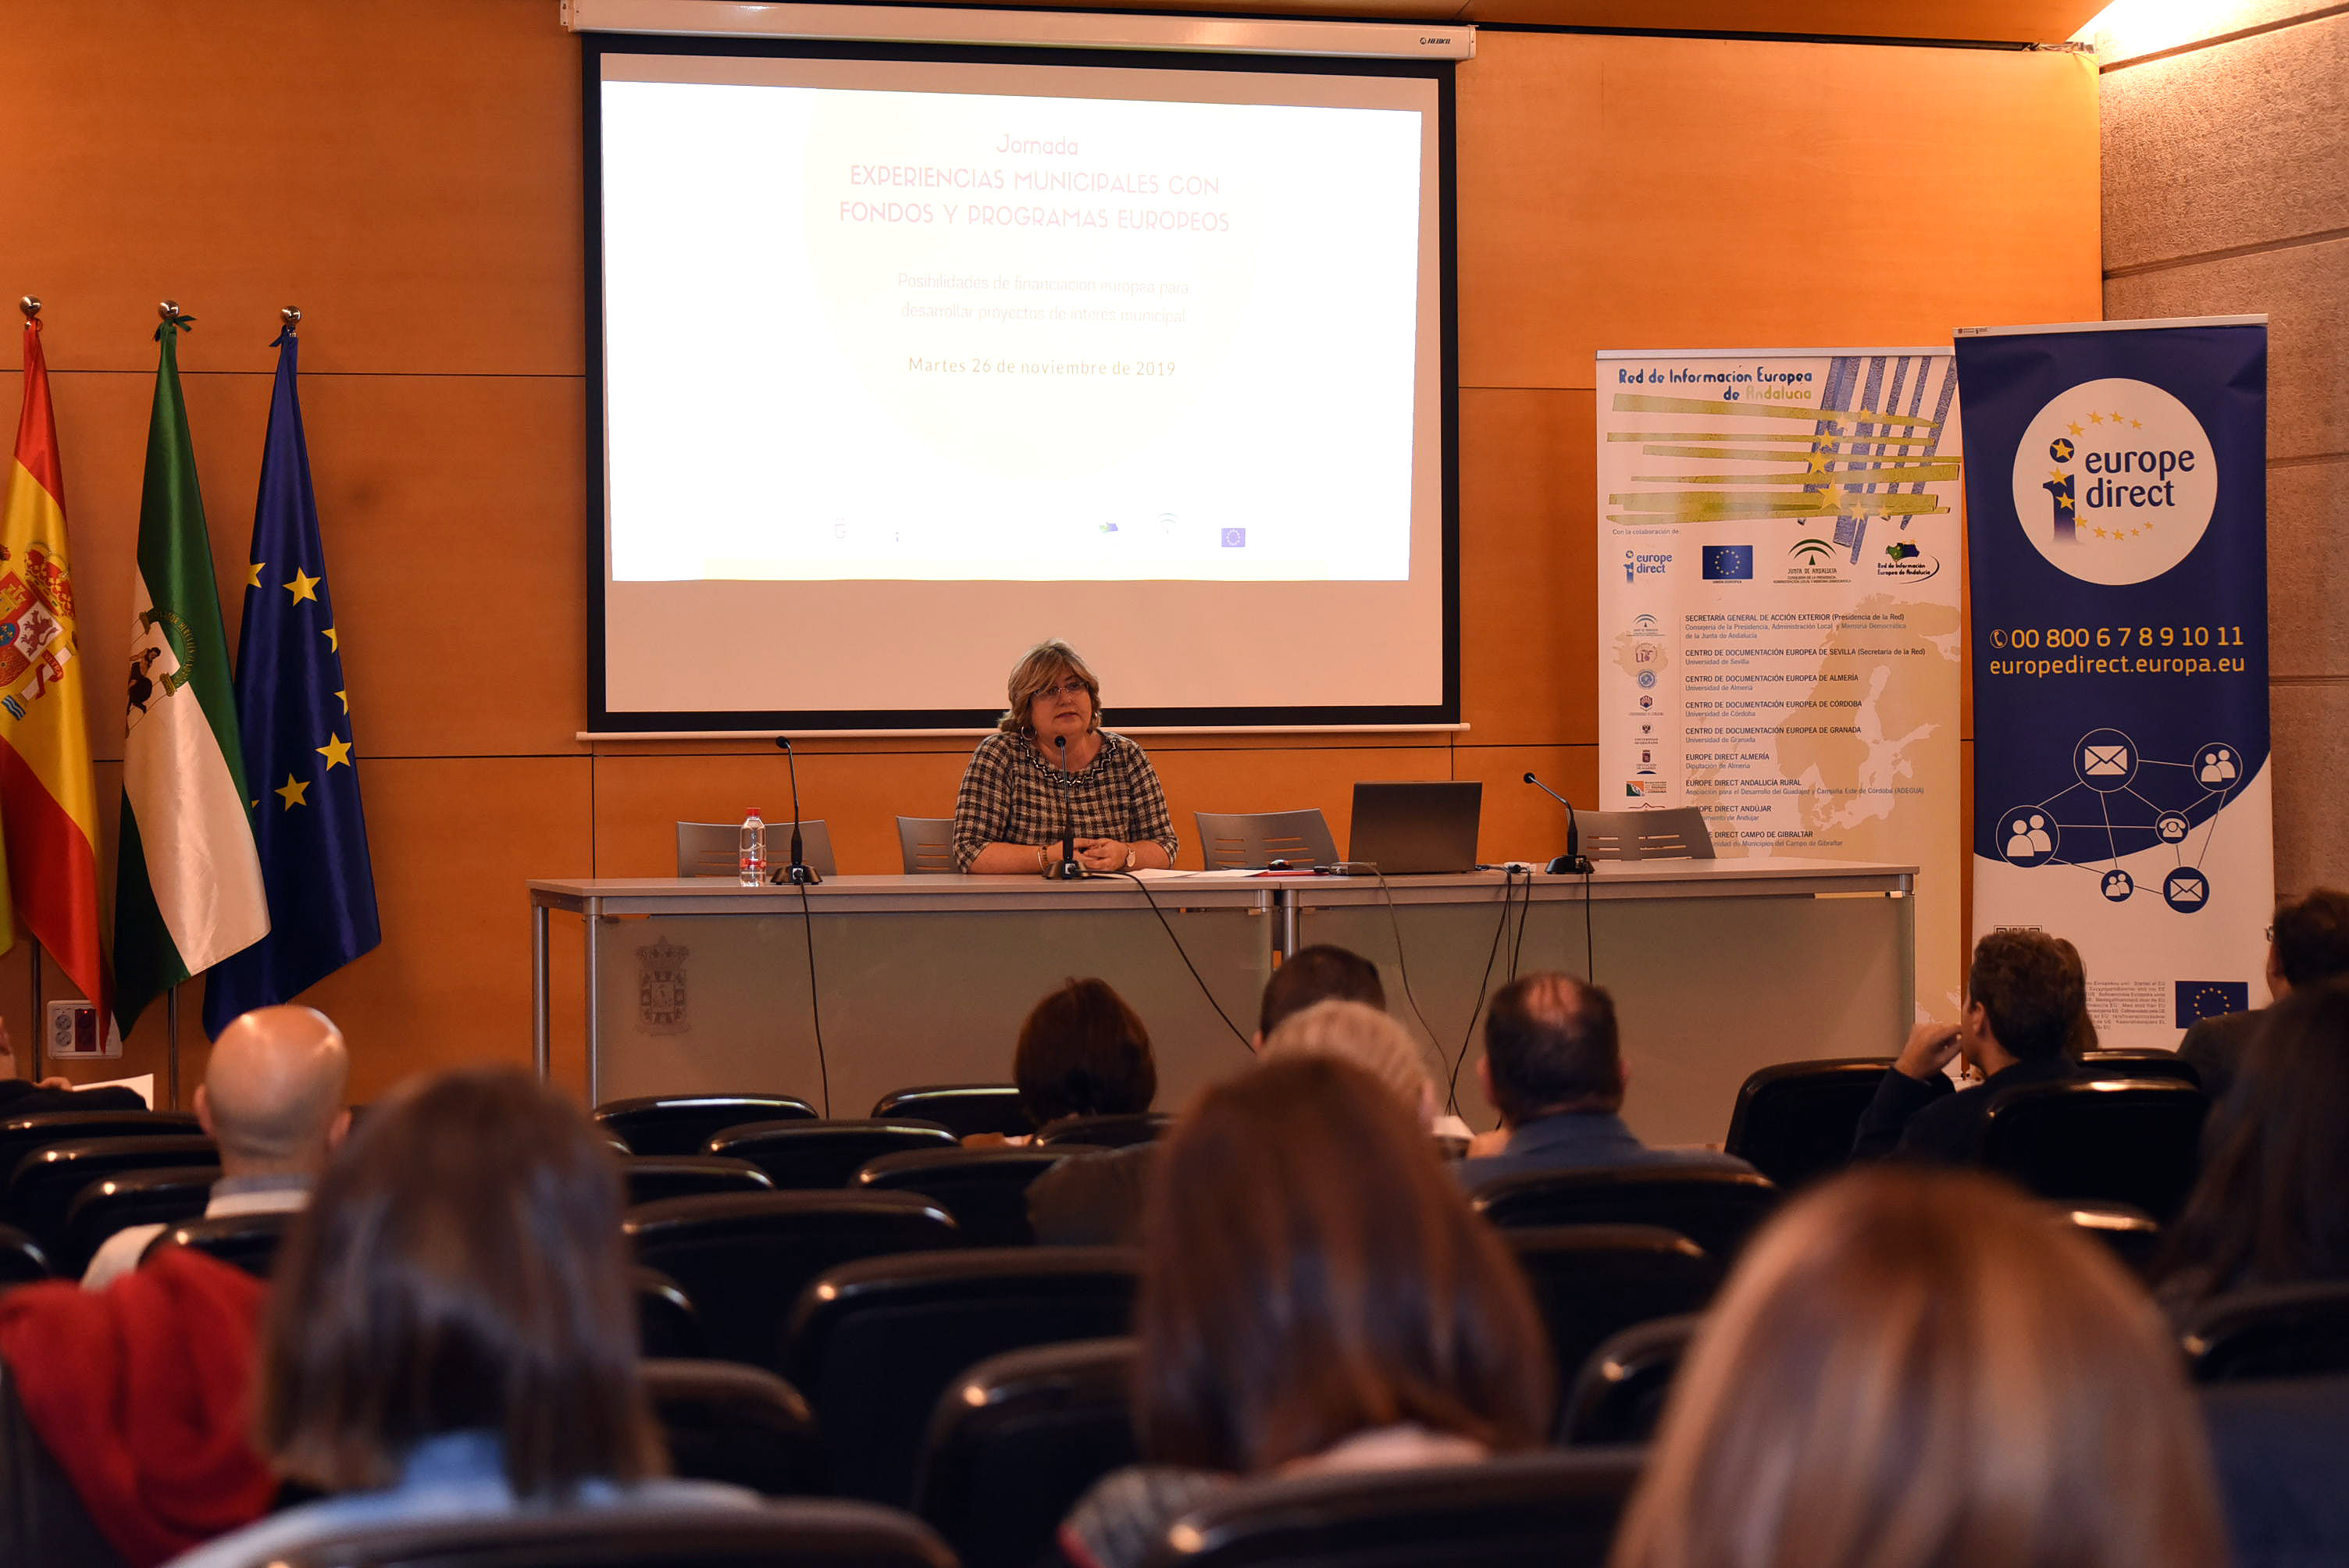 La Diputación propicia un foro de buenas prácticas para abordar proyectos europeos en municipios